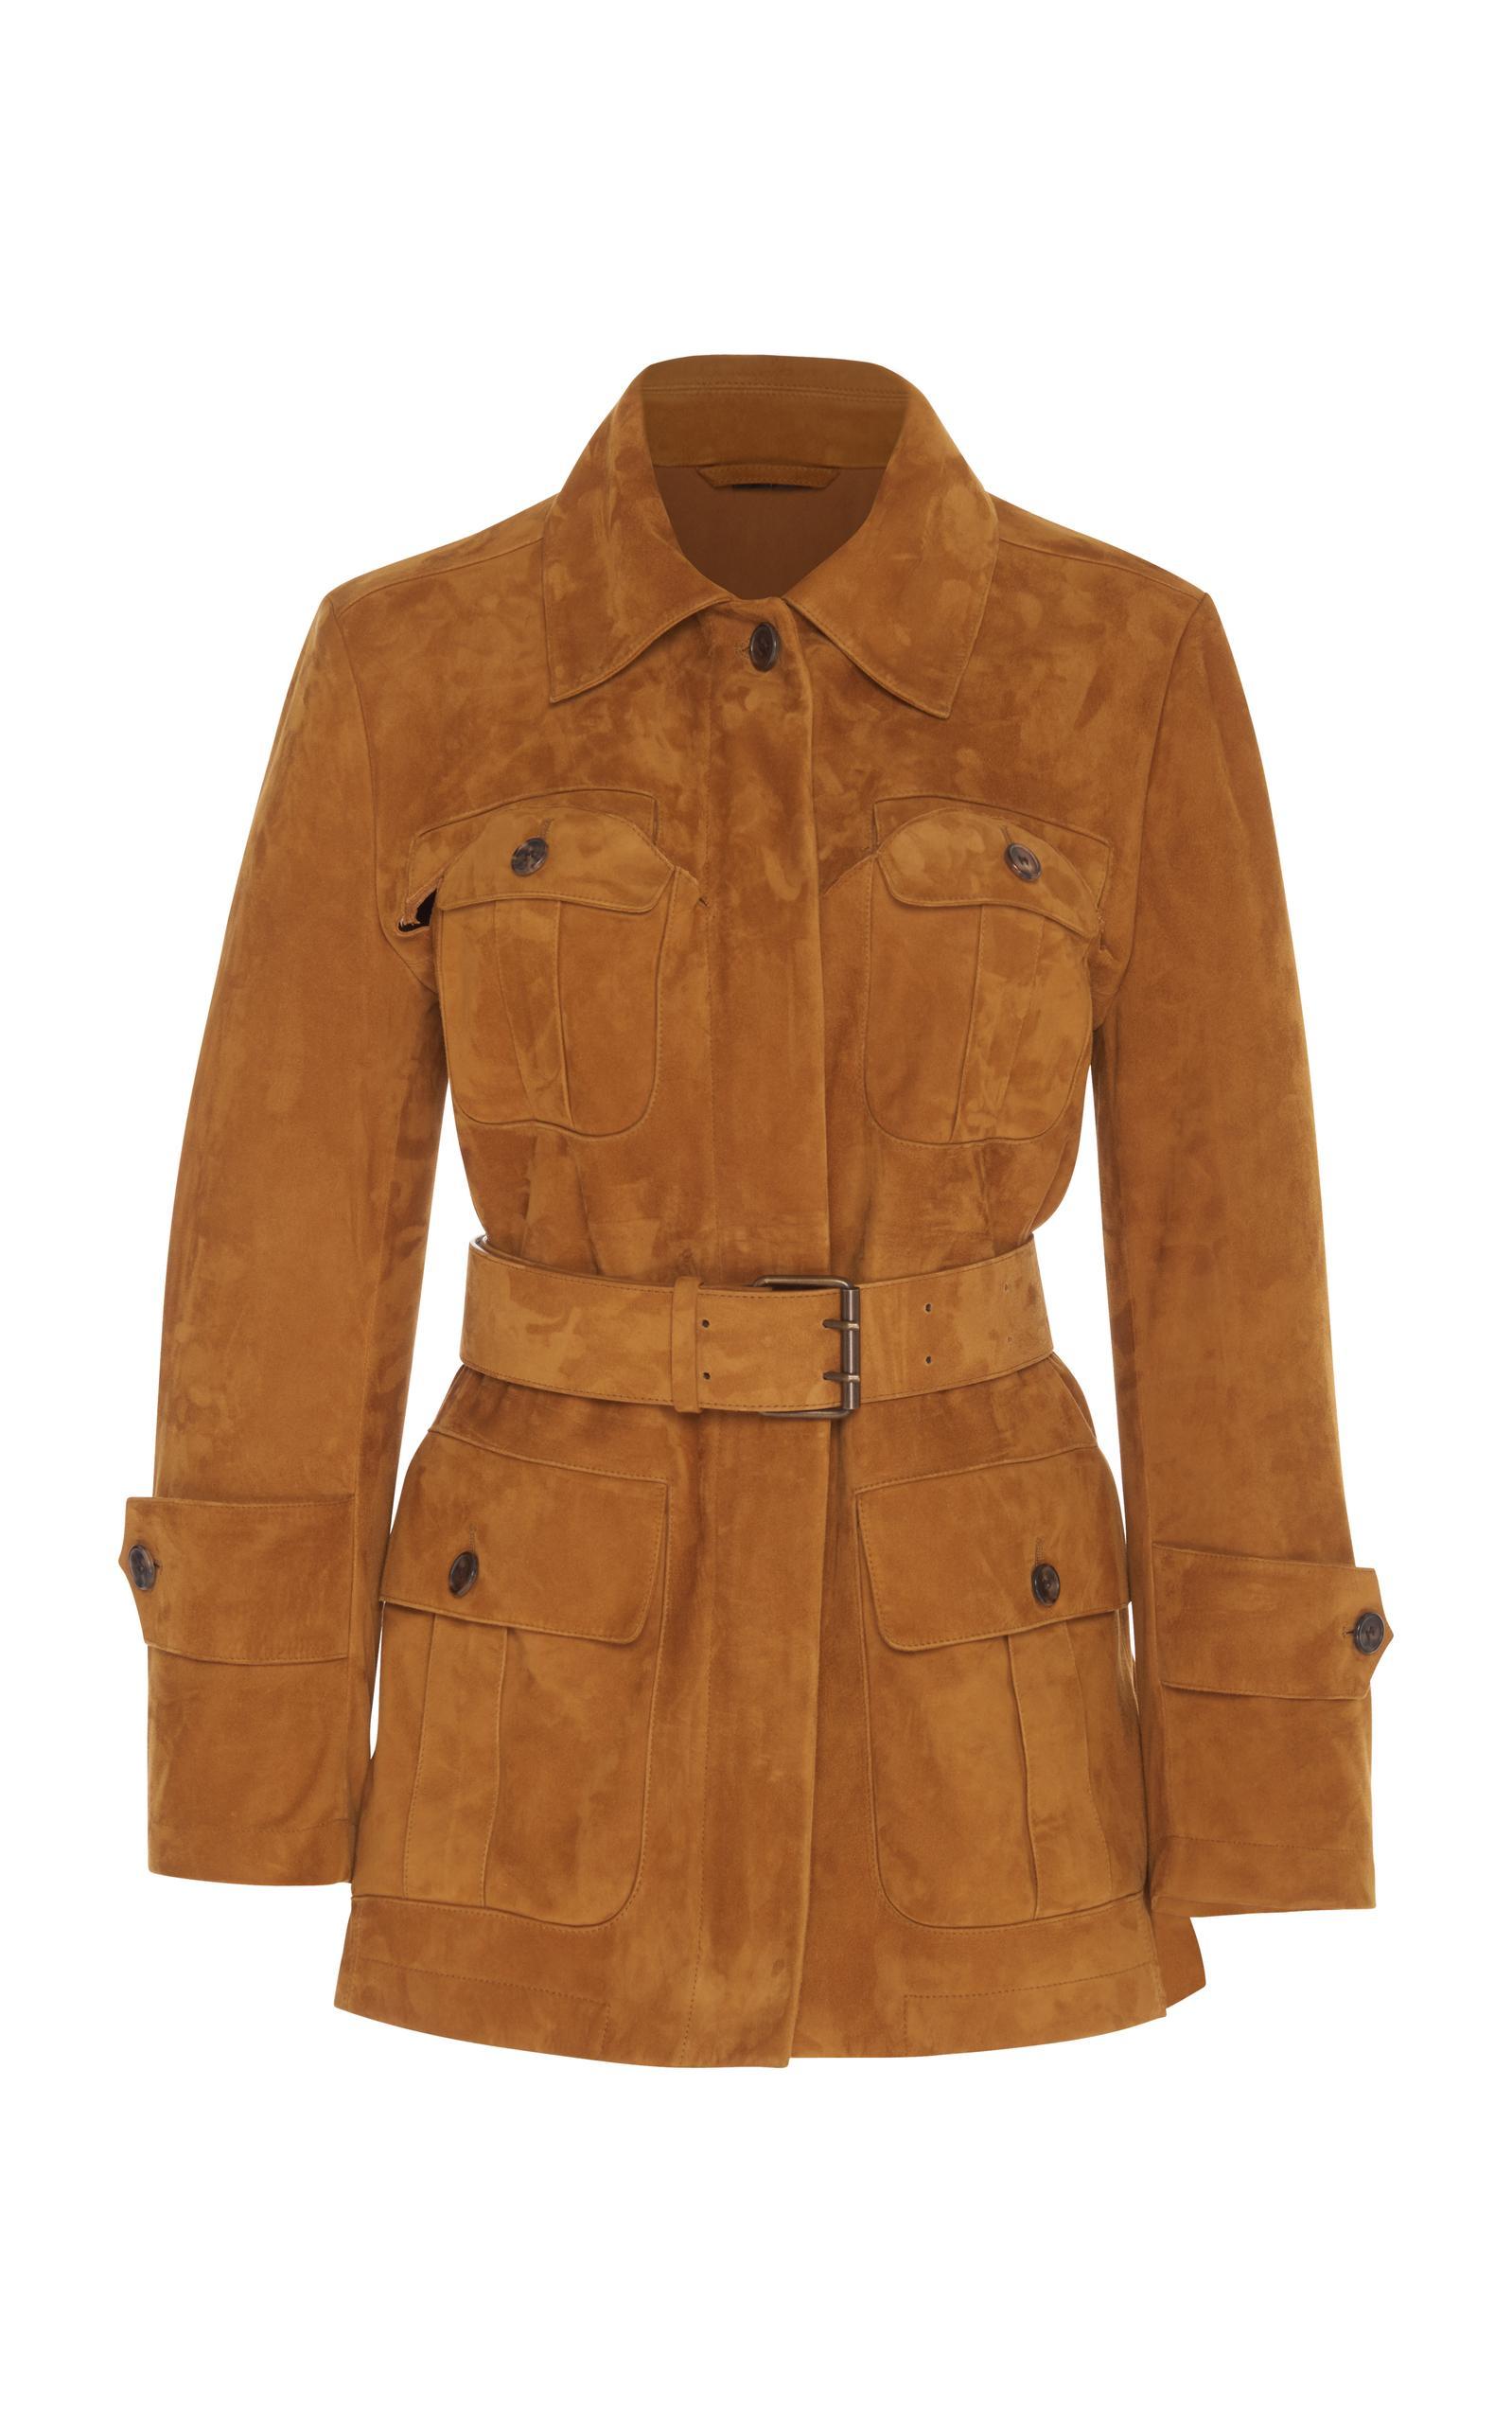 Maison Margiela Suede Safari Coat In Brown